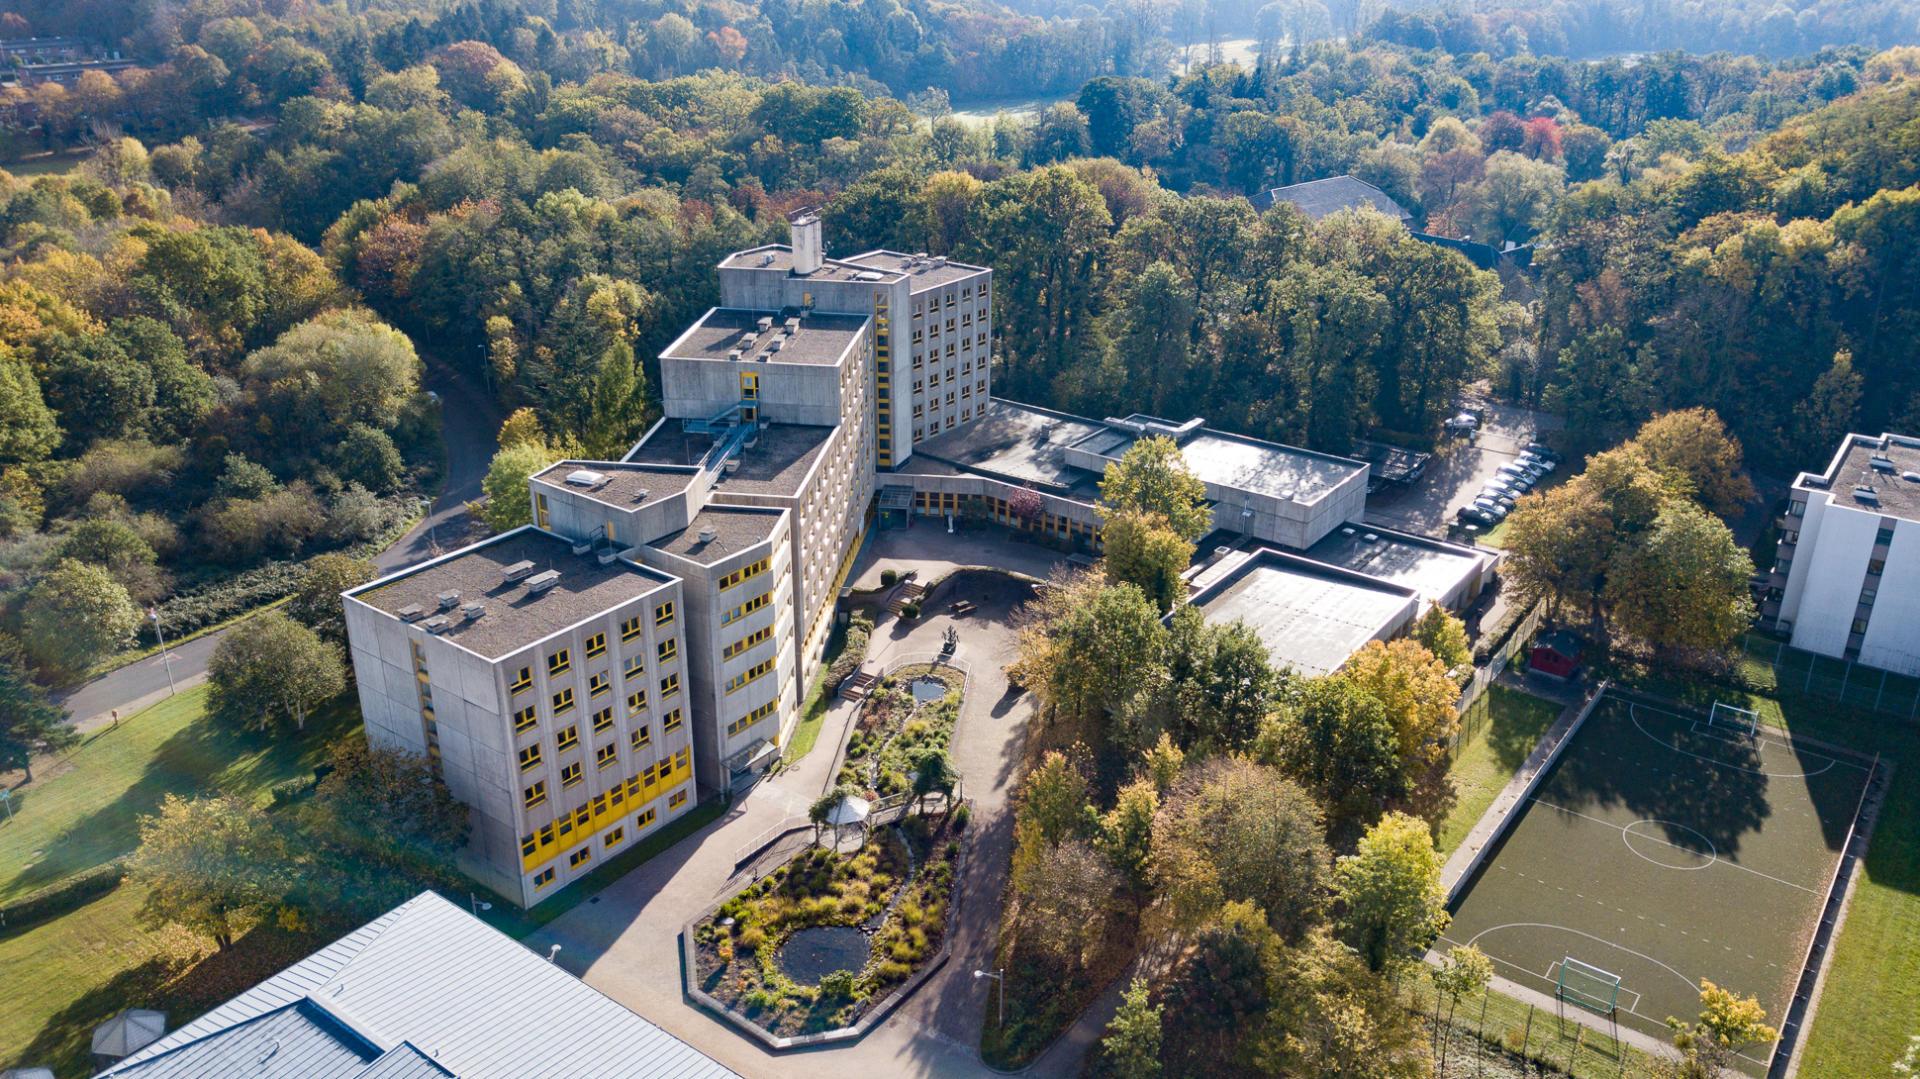 Gebäudekomplex fotografiert aus der Luft